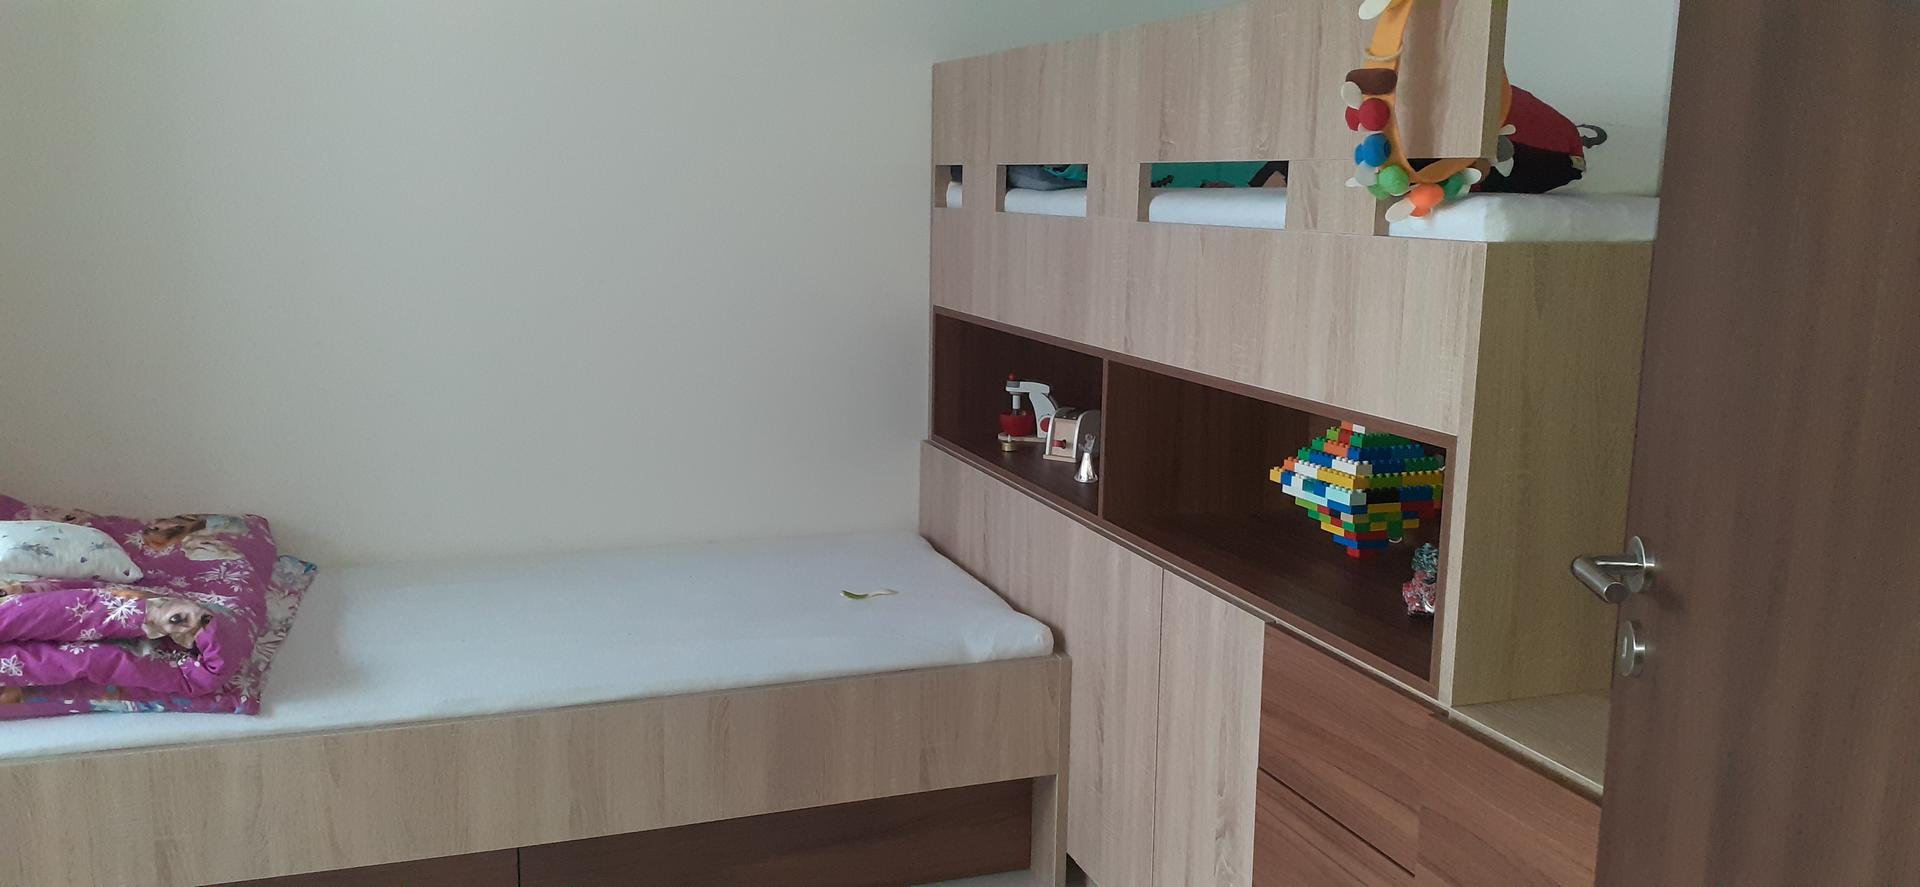 Dětský pokojíček - Obrázek č. 2